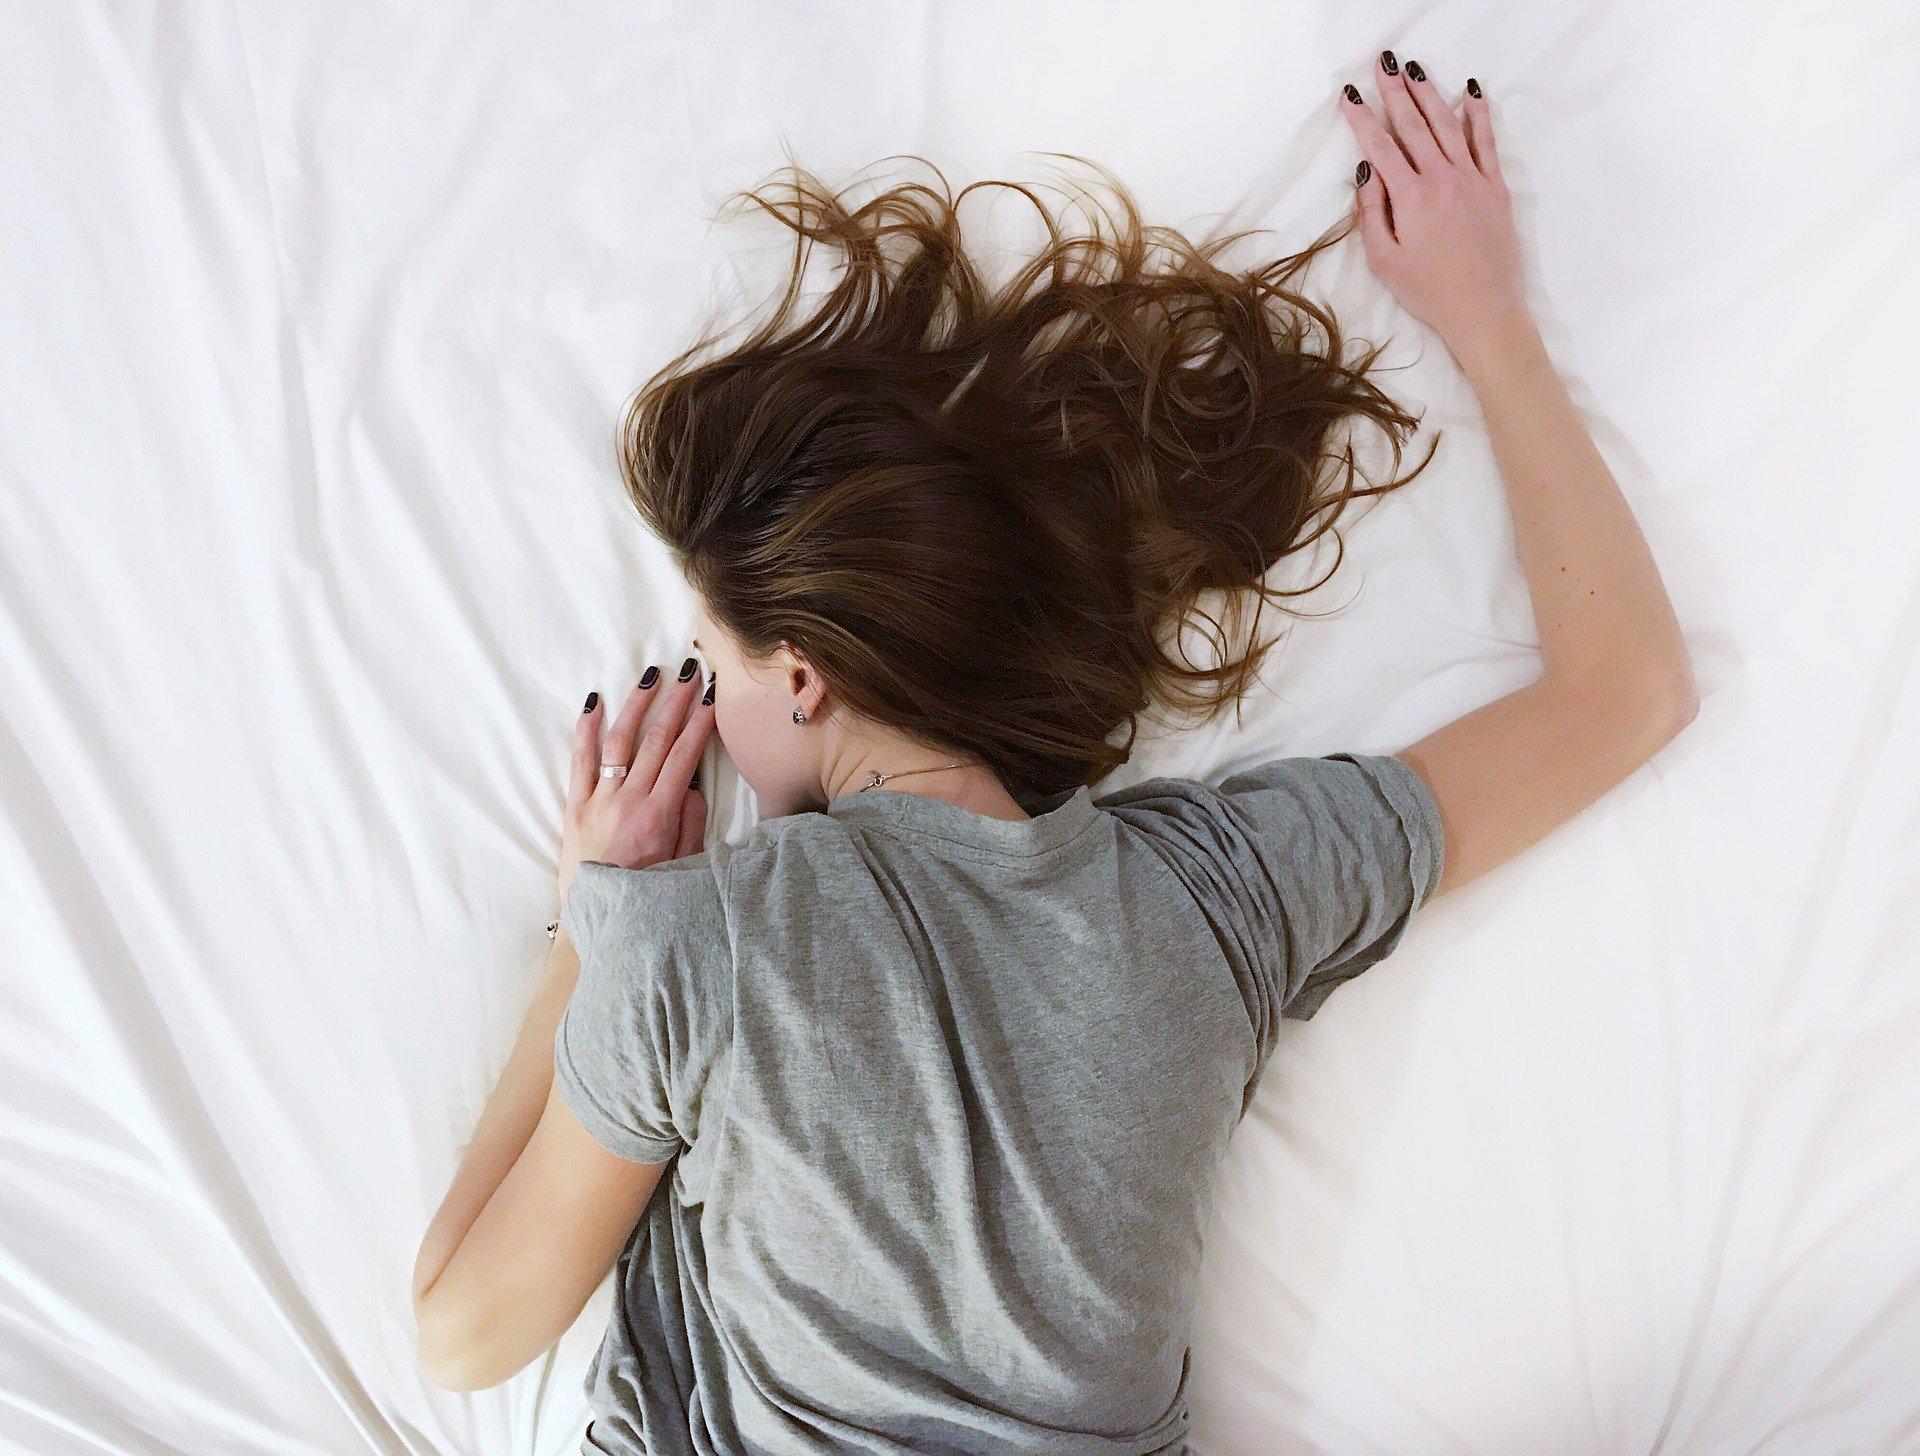 Vliv spánku navývoj tělesné hmotnosti